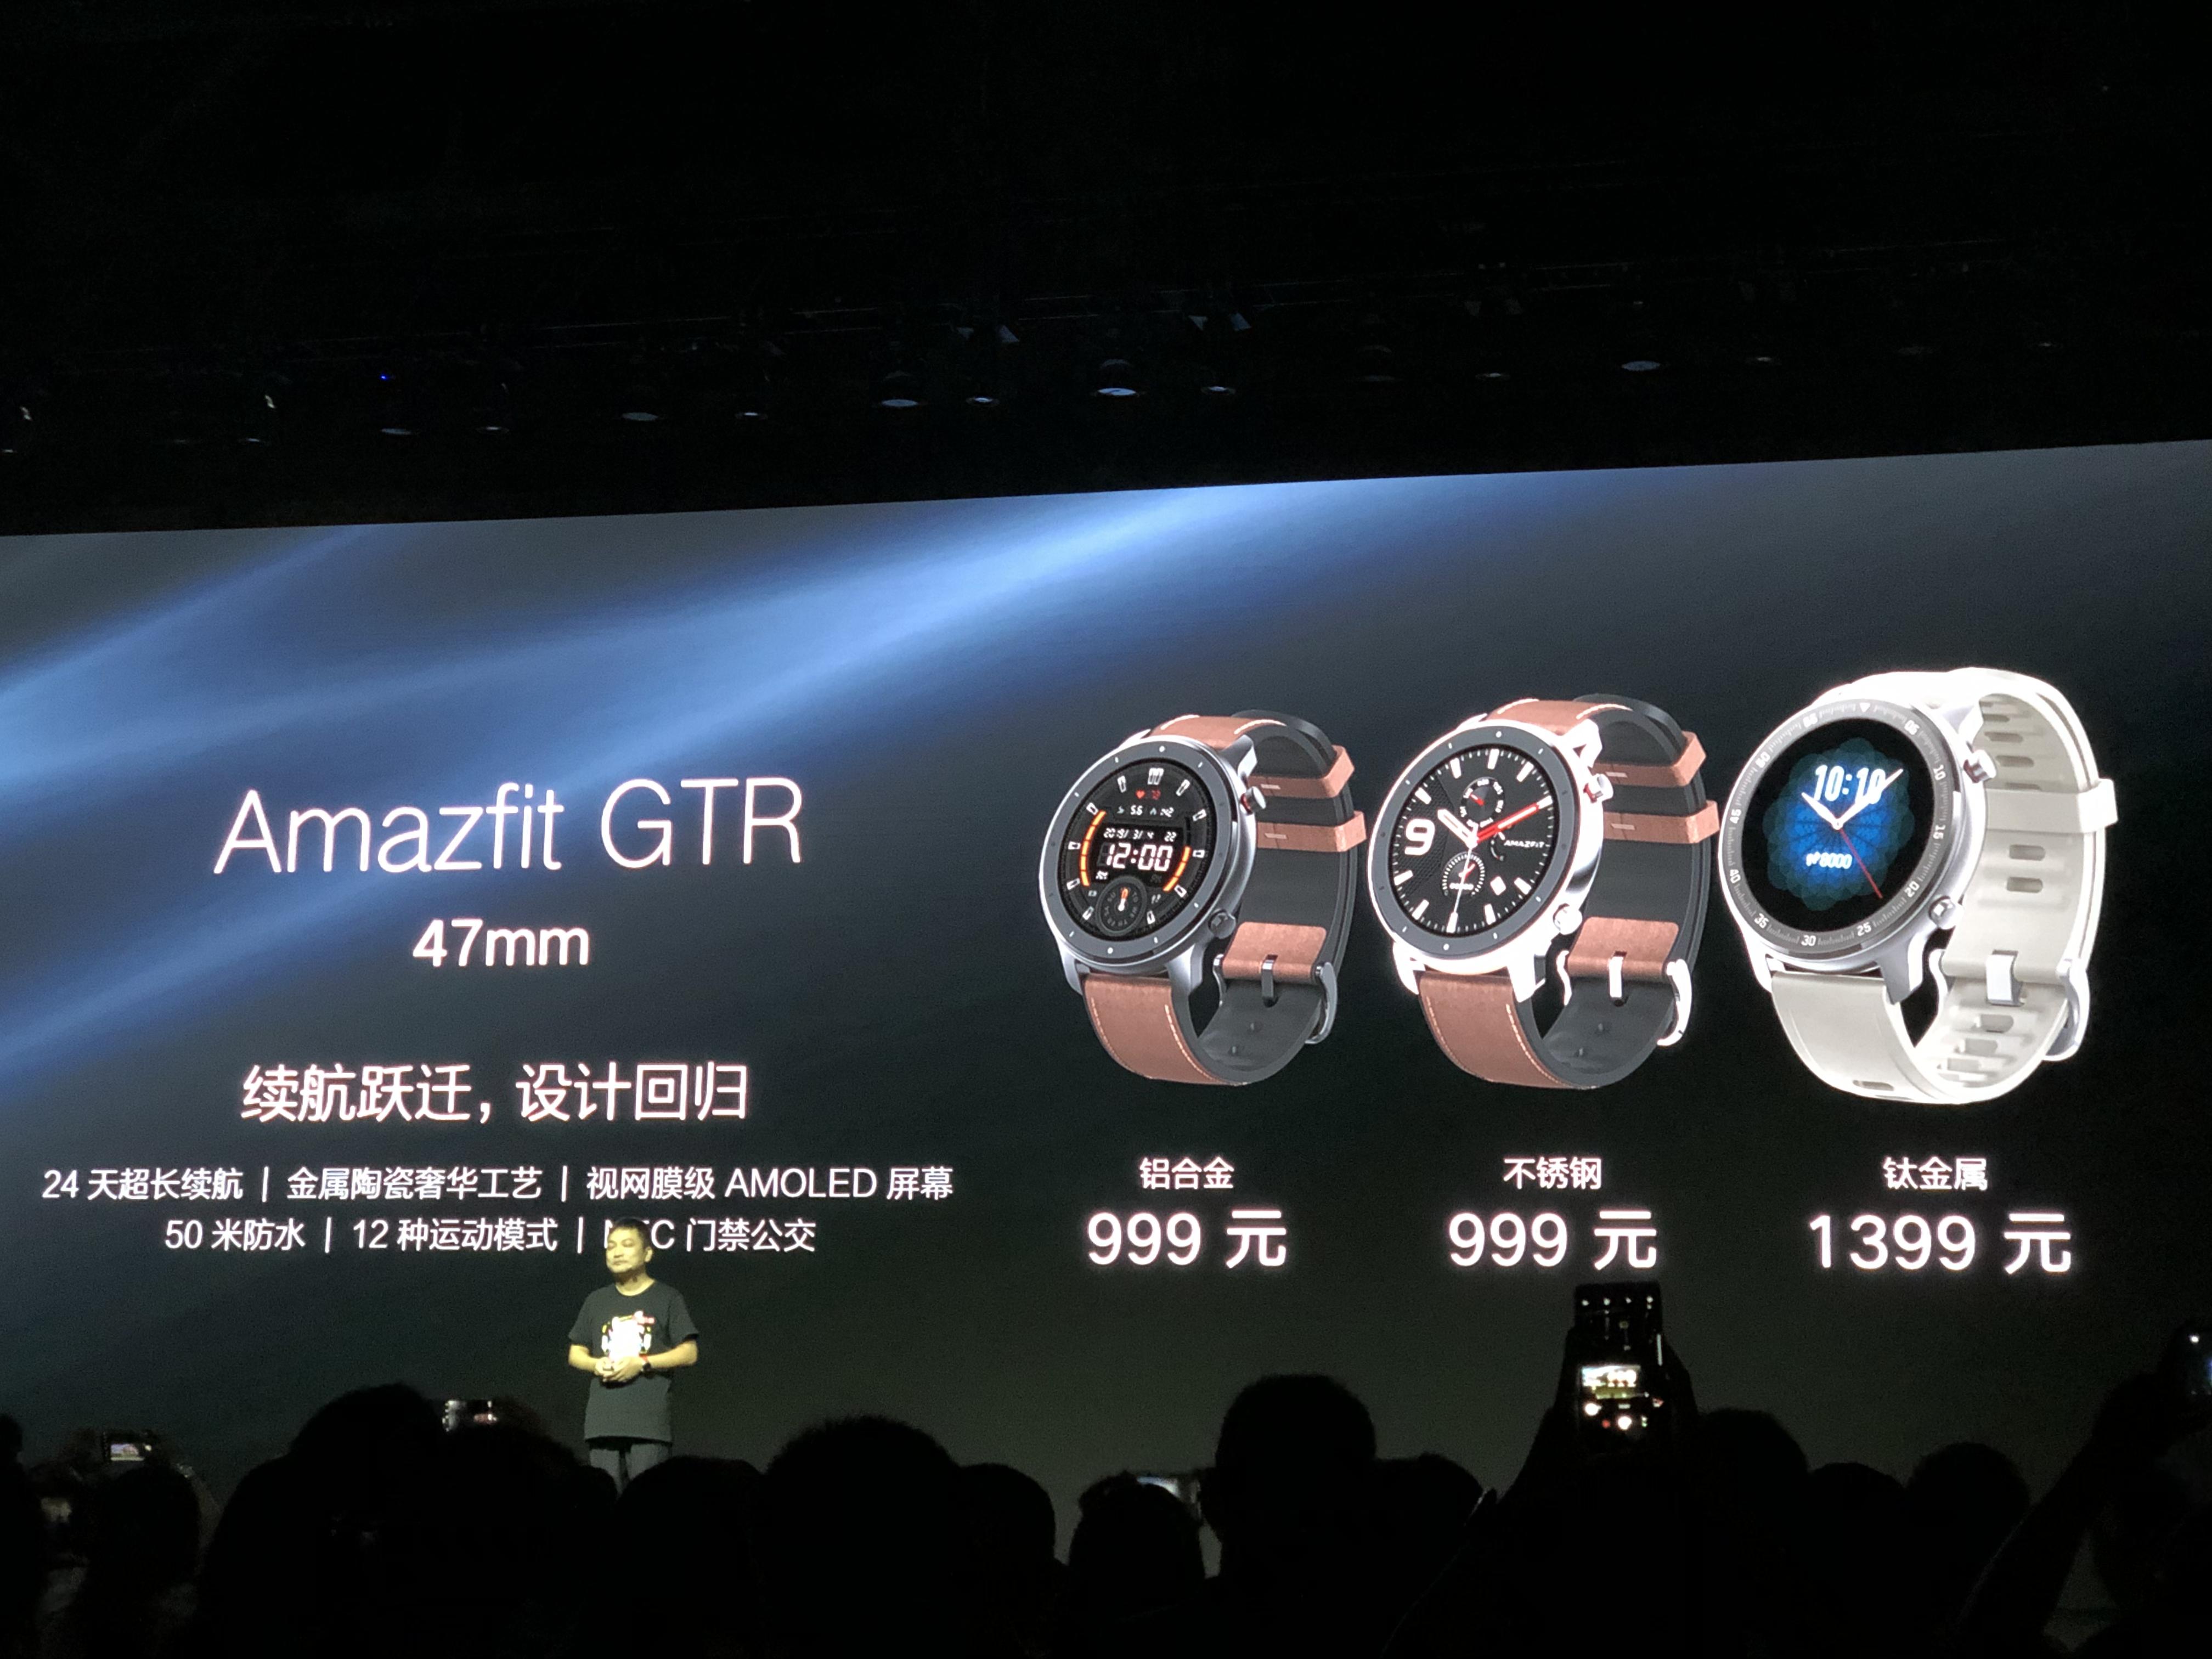 华米科技发布全新系列手表Amazfit GTR